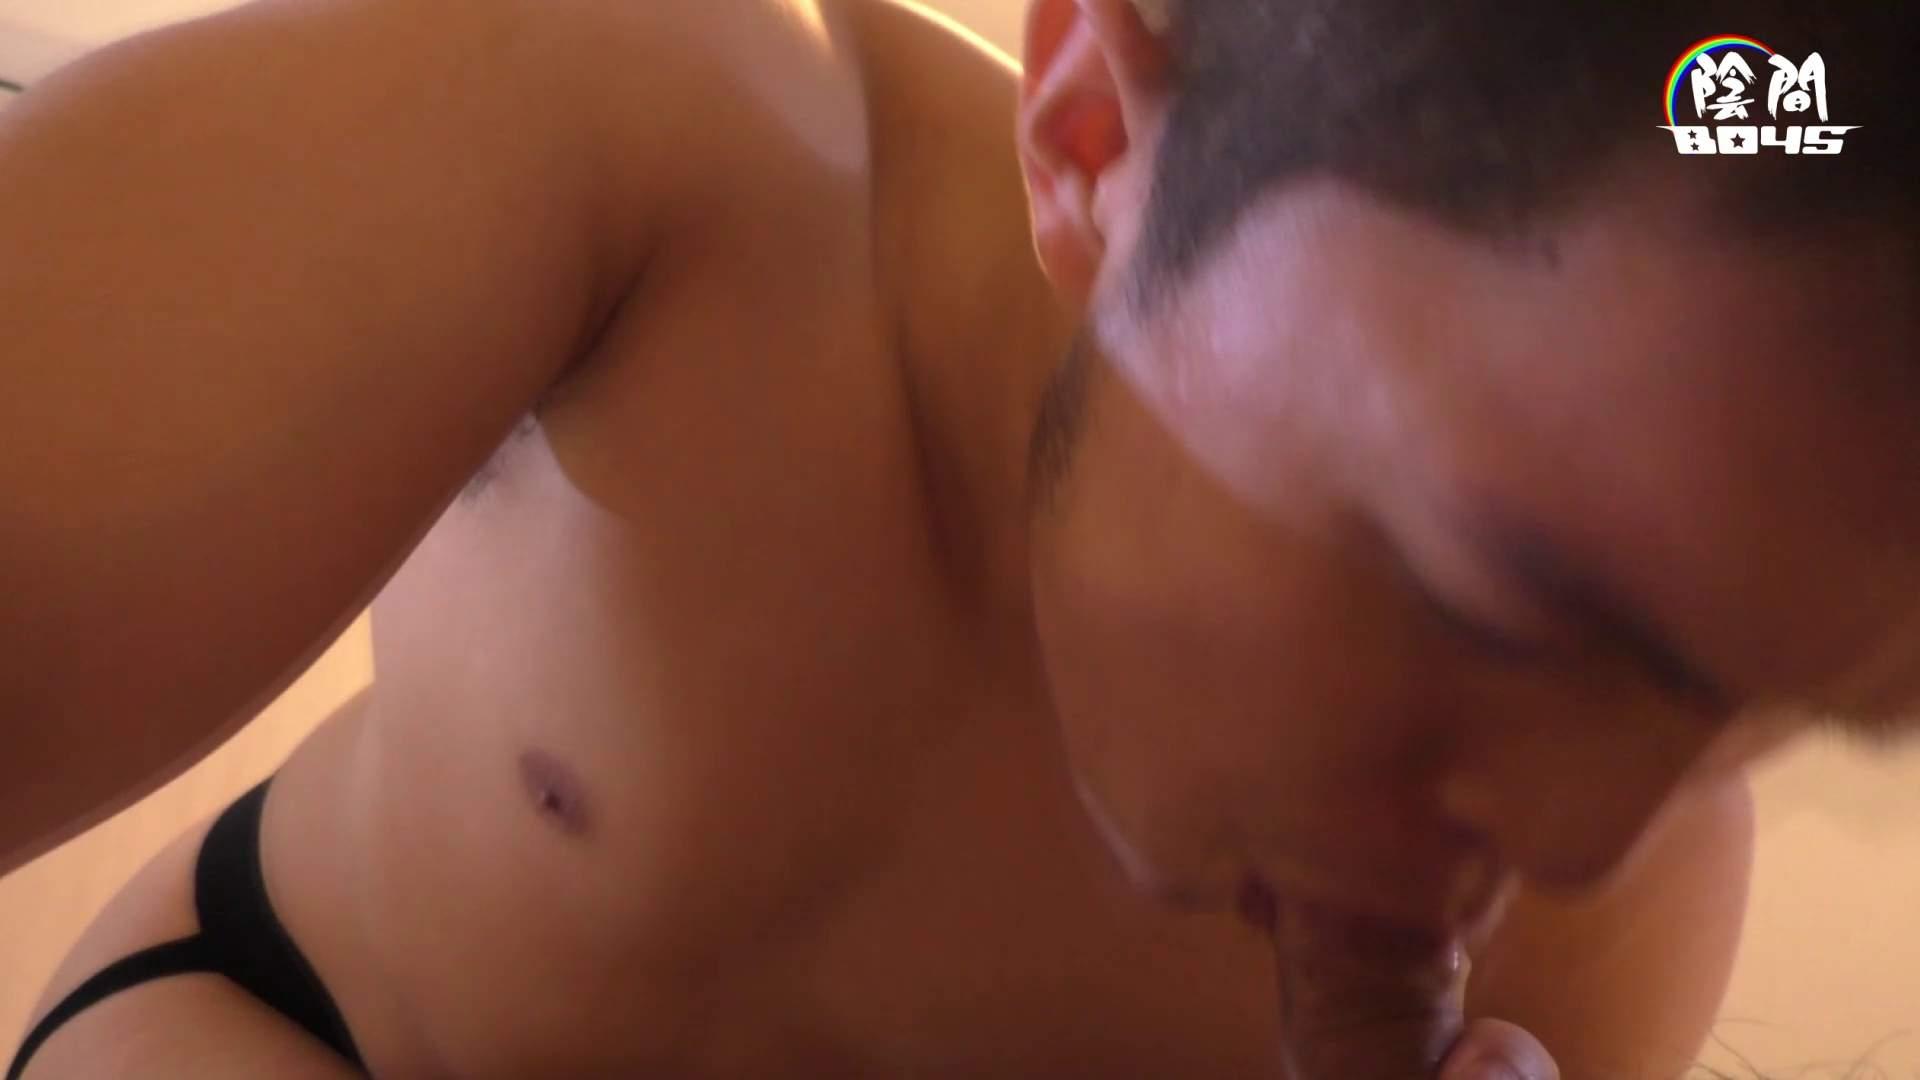 アナルで営業ワン・ツー・ スリーpart2 Vol.8 男の世界 ゲイ精子画像 53画像 30